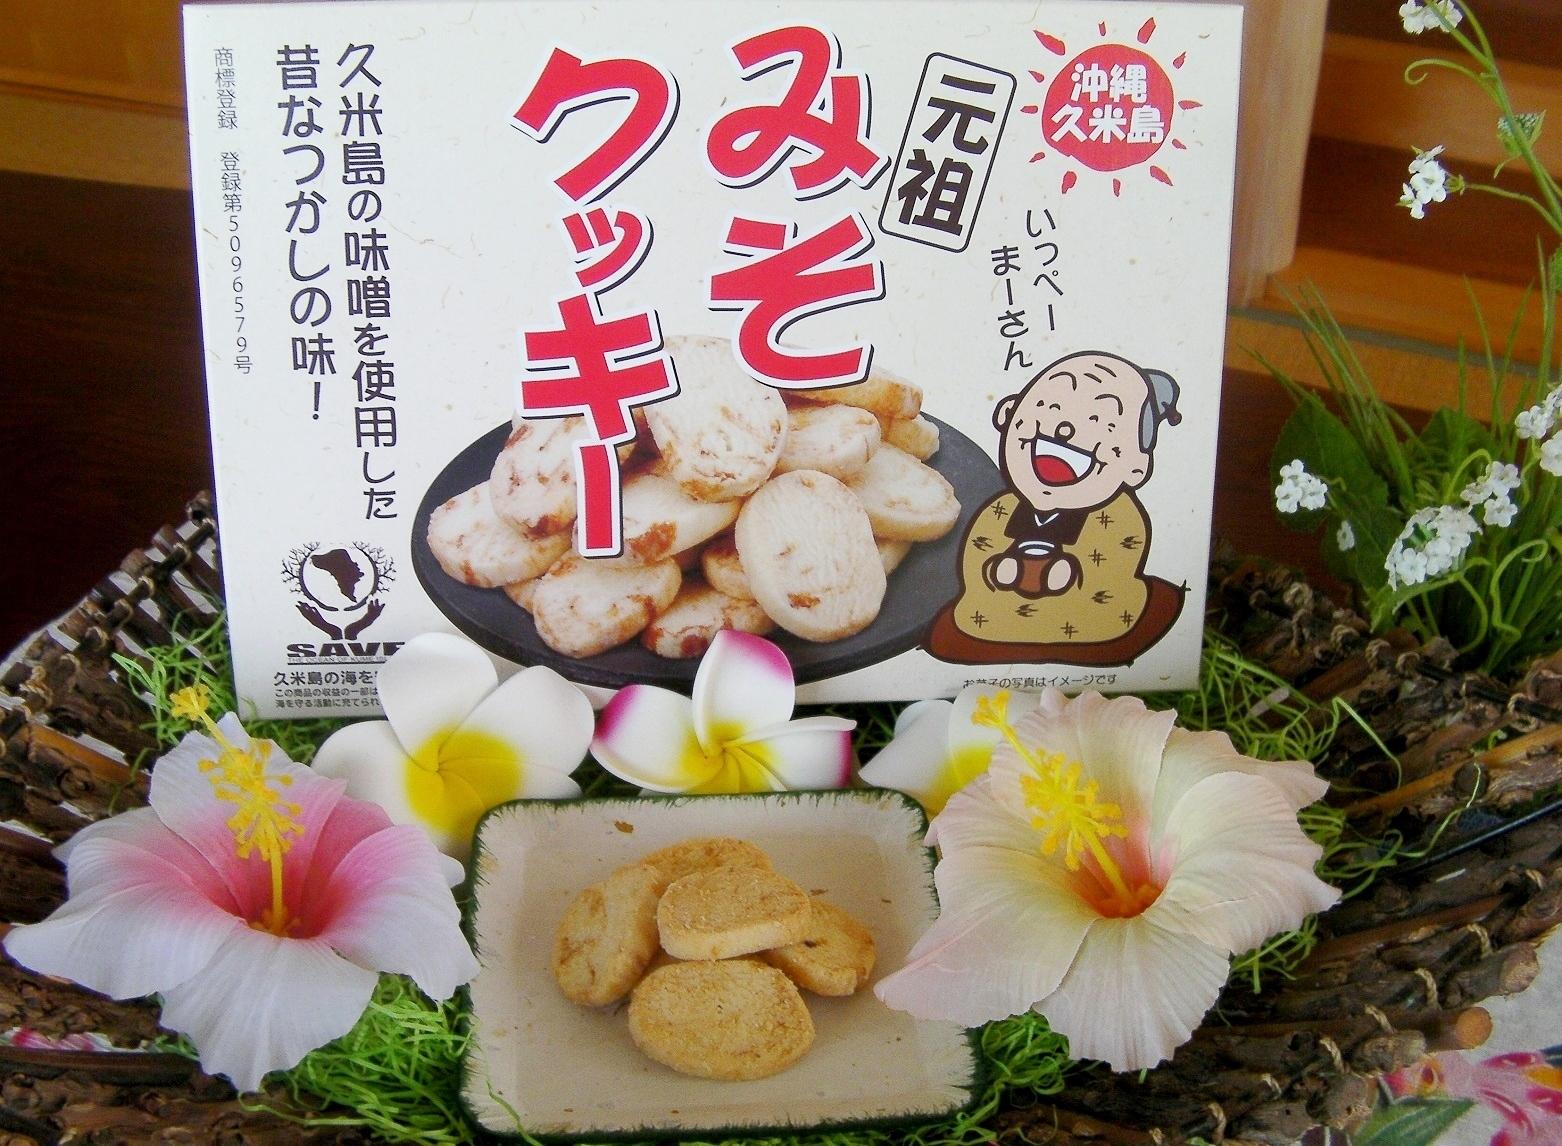 みそクッキー(290g化粧箱入り)セット!